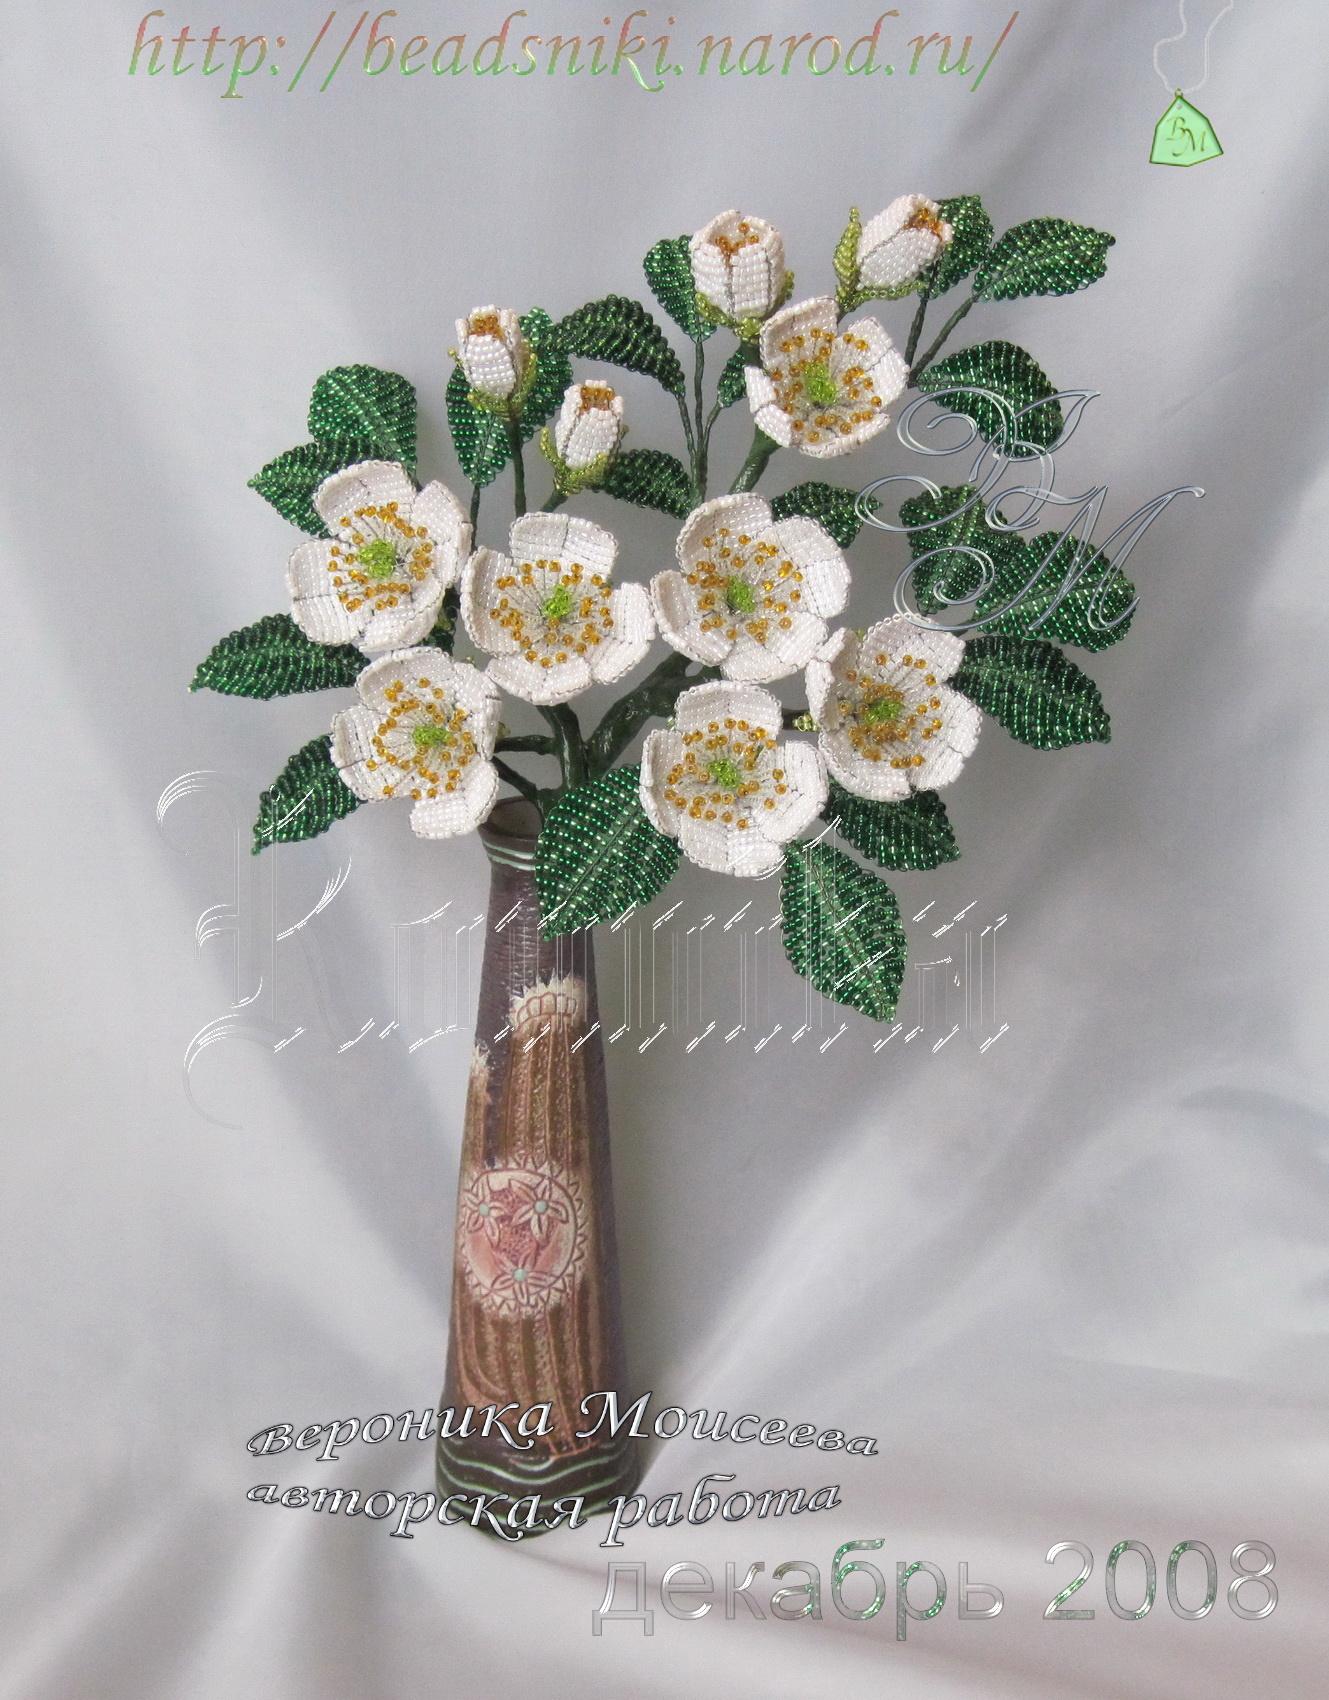 1.Жасмин Невеста